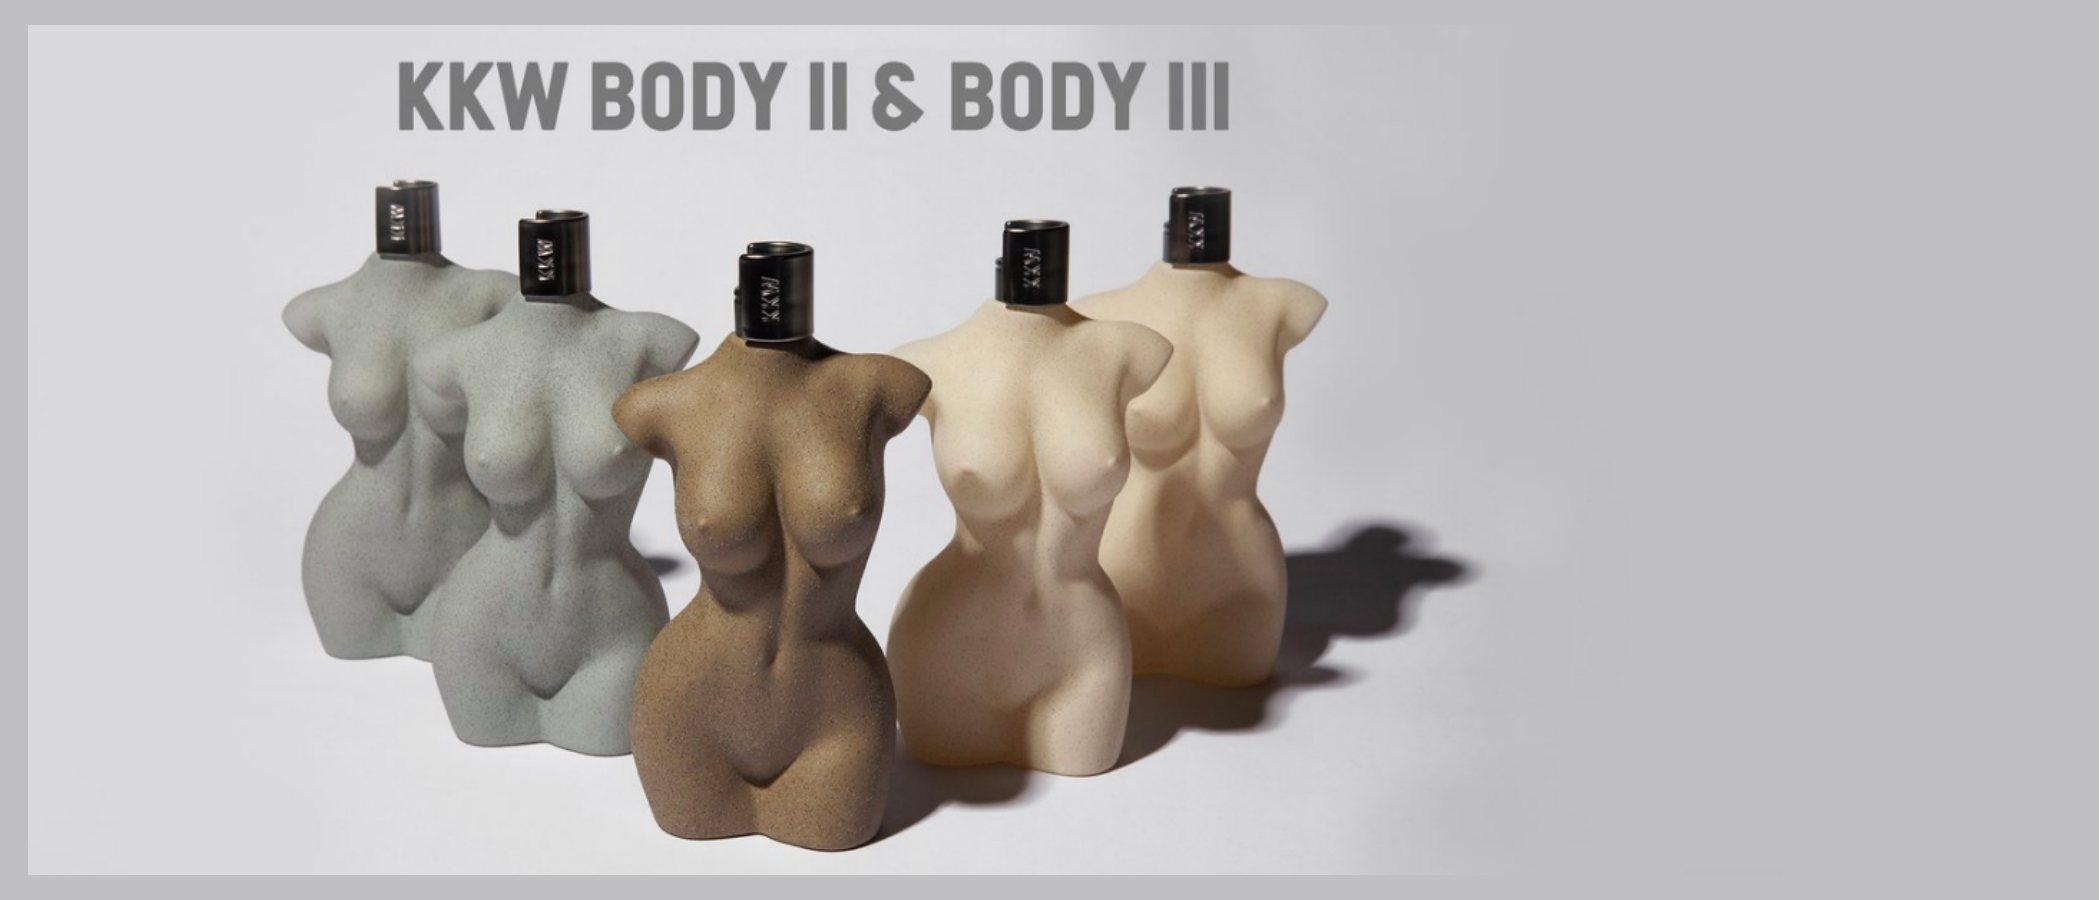 Kim Kardashiam lanza 'KKW Body II' y 'KKW Body III', los nuevos perfumes con su tronco desnudo de KKW Fragrance